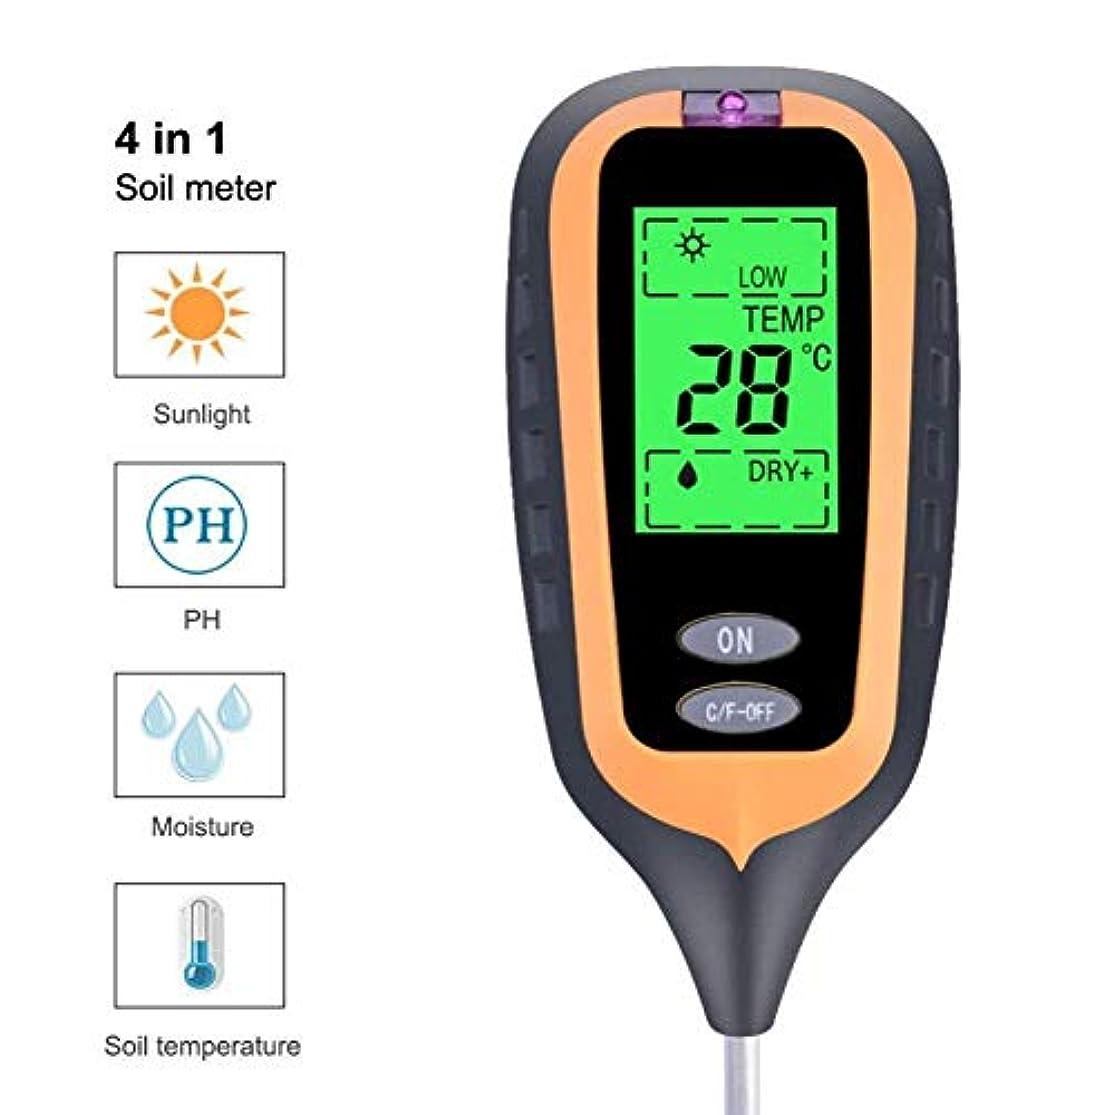 収入陰気声を出してポータブルPHメーター-4 in 1土壌テスター+光検出器+土壌酸性度計+ PHメーター+土壌水分-温度計 (色 : ブラック)